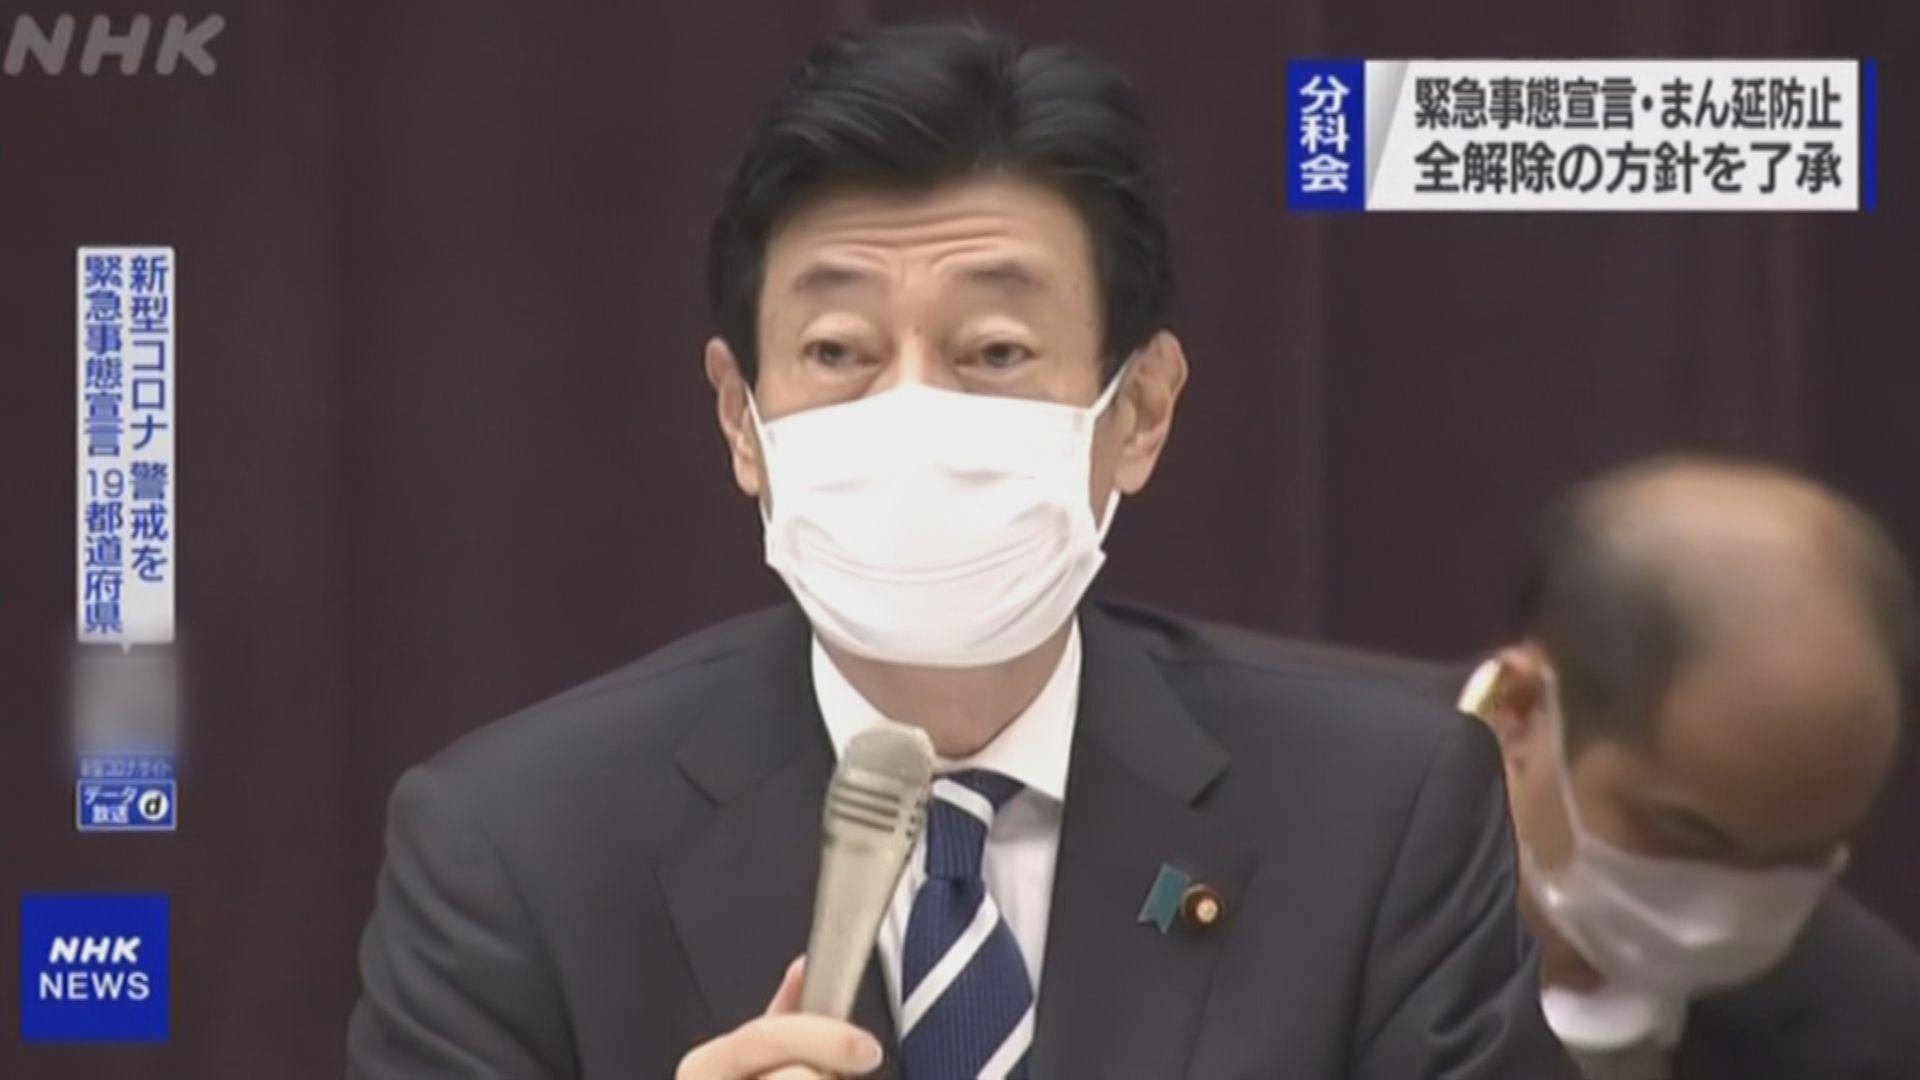 日本新冠緊急事態宣言周四到期後將解除